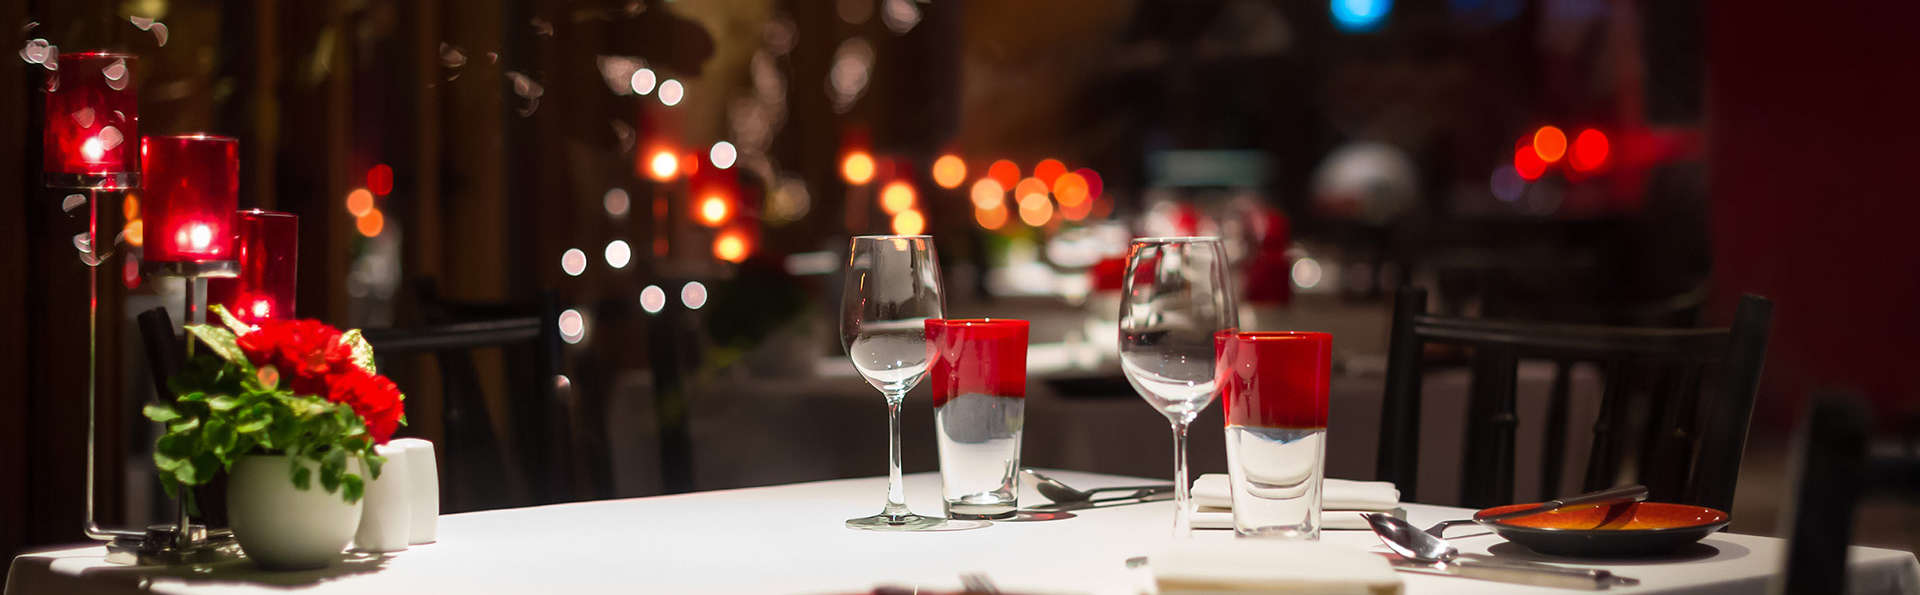 Séjour exceptionnel avec dîner dégustation aux chandelles dans un château près de Poitiers